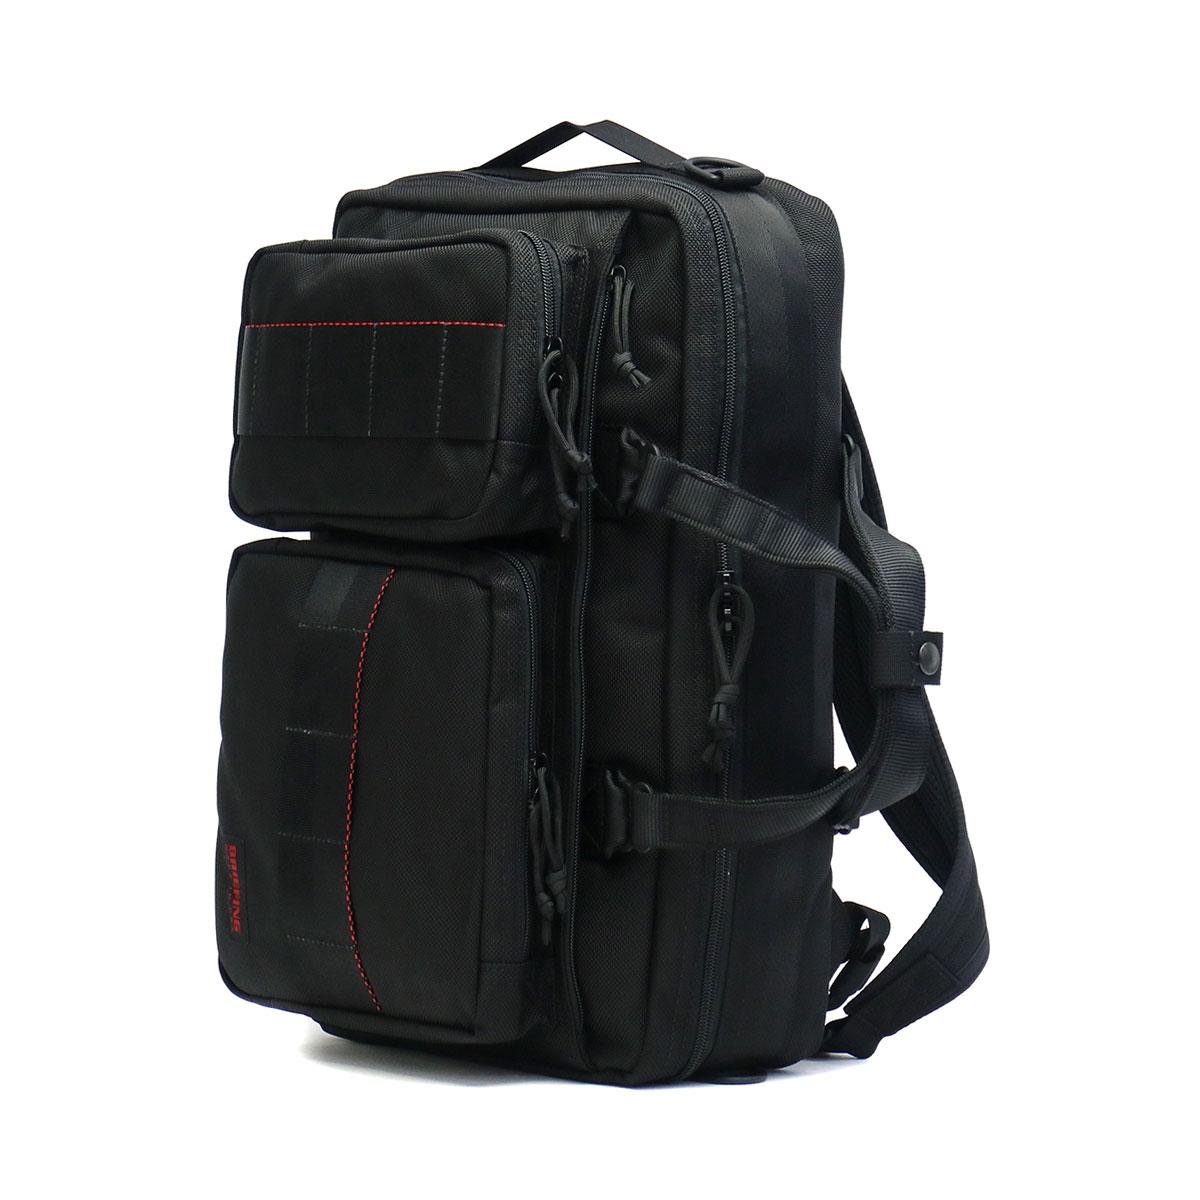 ブリーフィング/ BRF399219-NYLON-010 ブラック BRIEFING バッグ NEO TRINITY LINER メンズ 3Wayビジネスバッグ